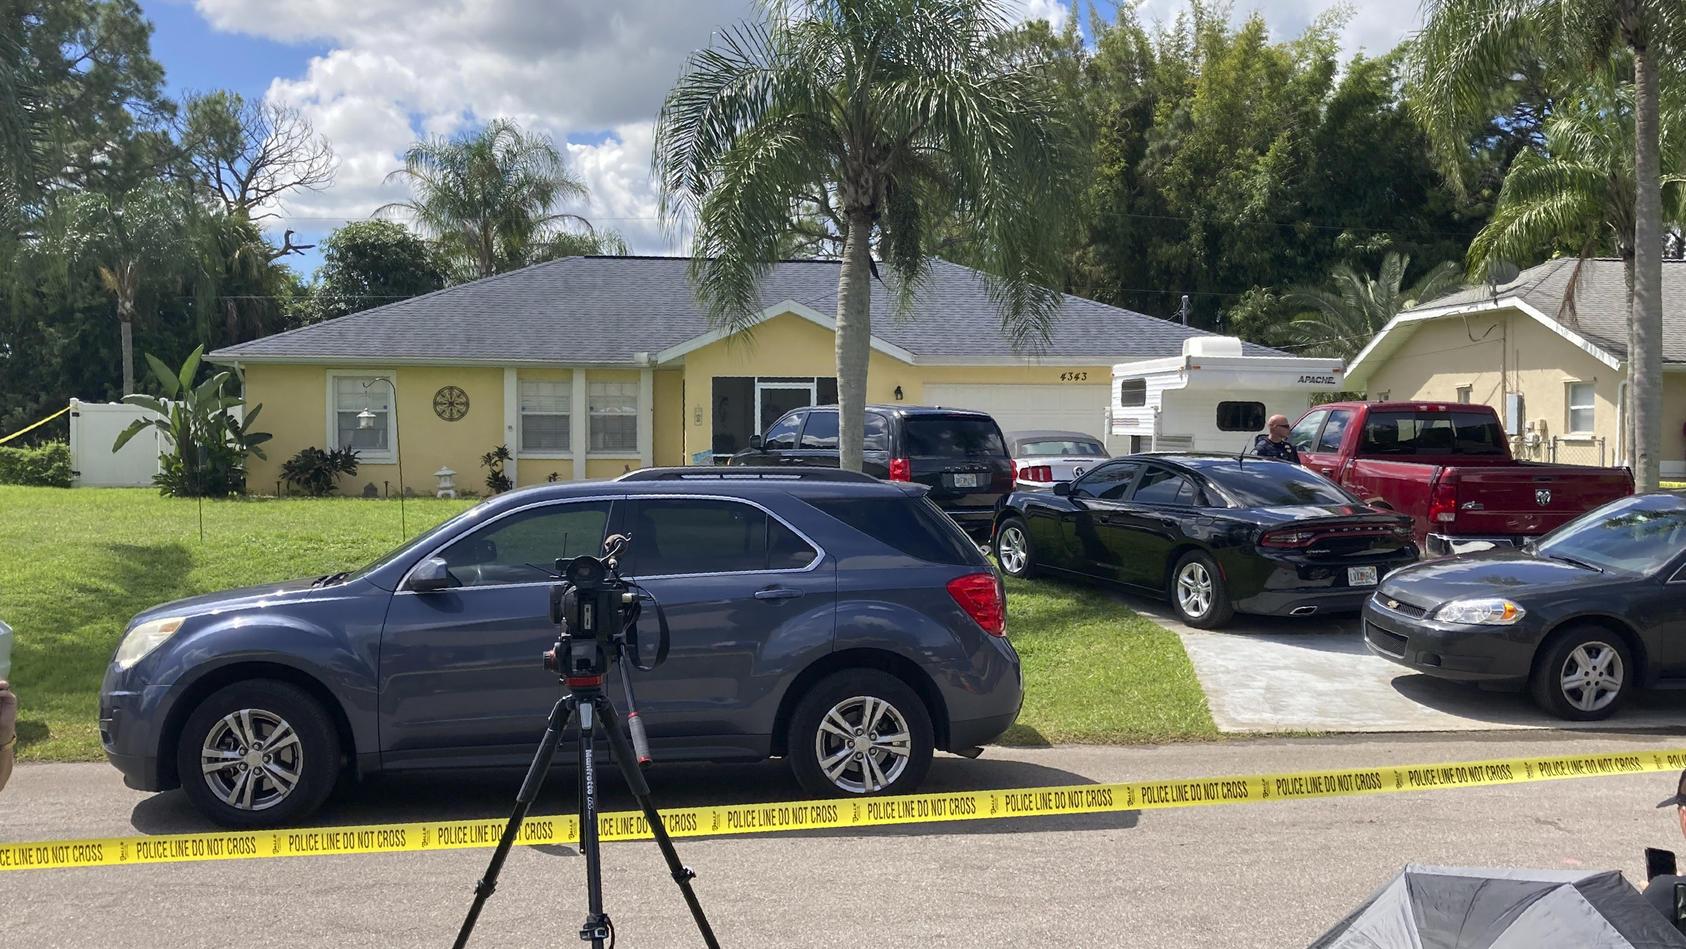 Das Elternhaus von Brian Laundrie: Mitarbeiter von Polizei und FBI durchsuchen das Geböude.